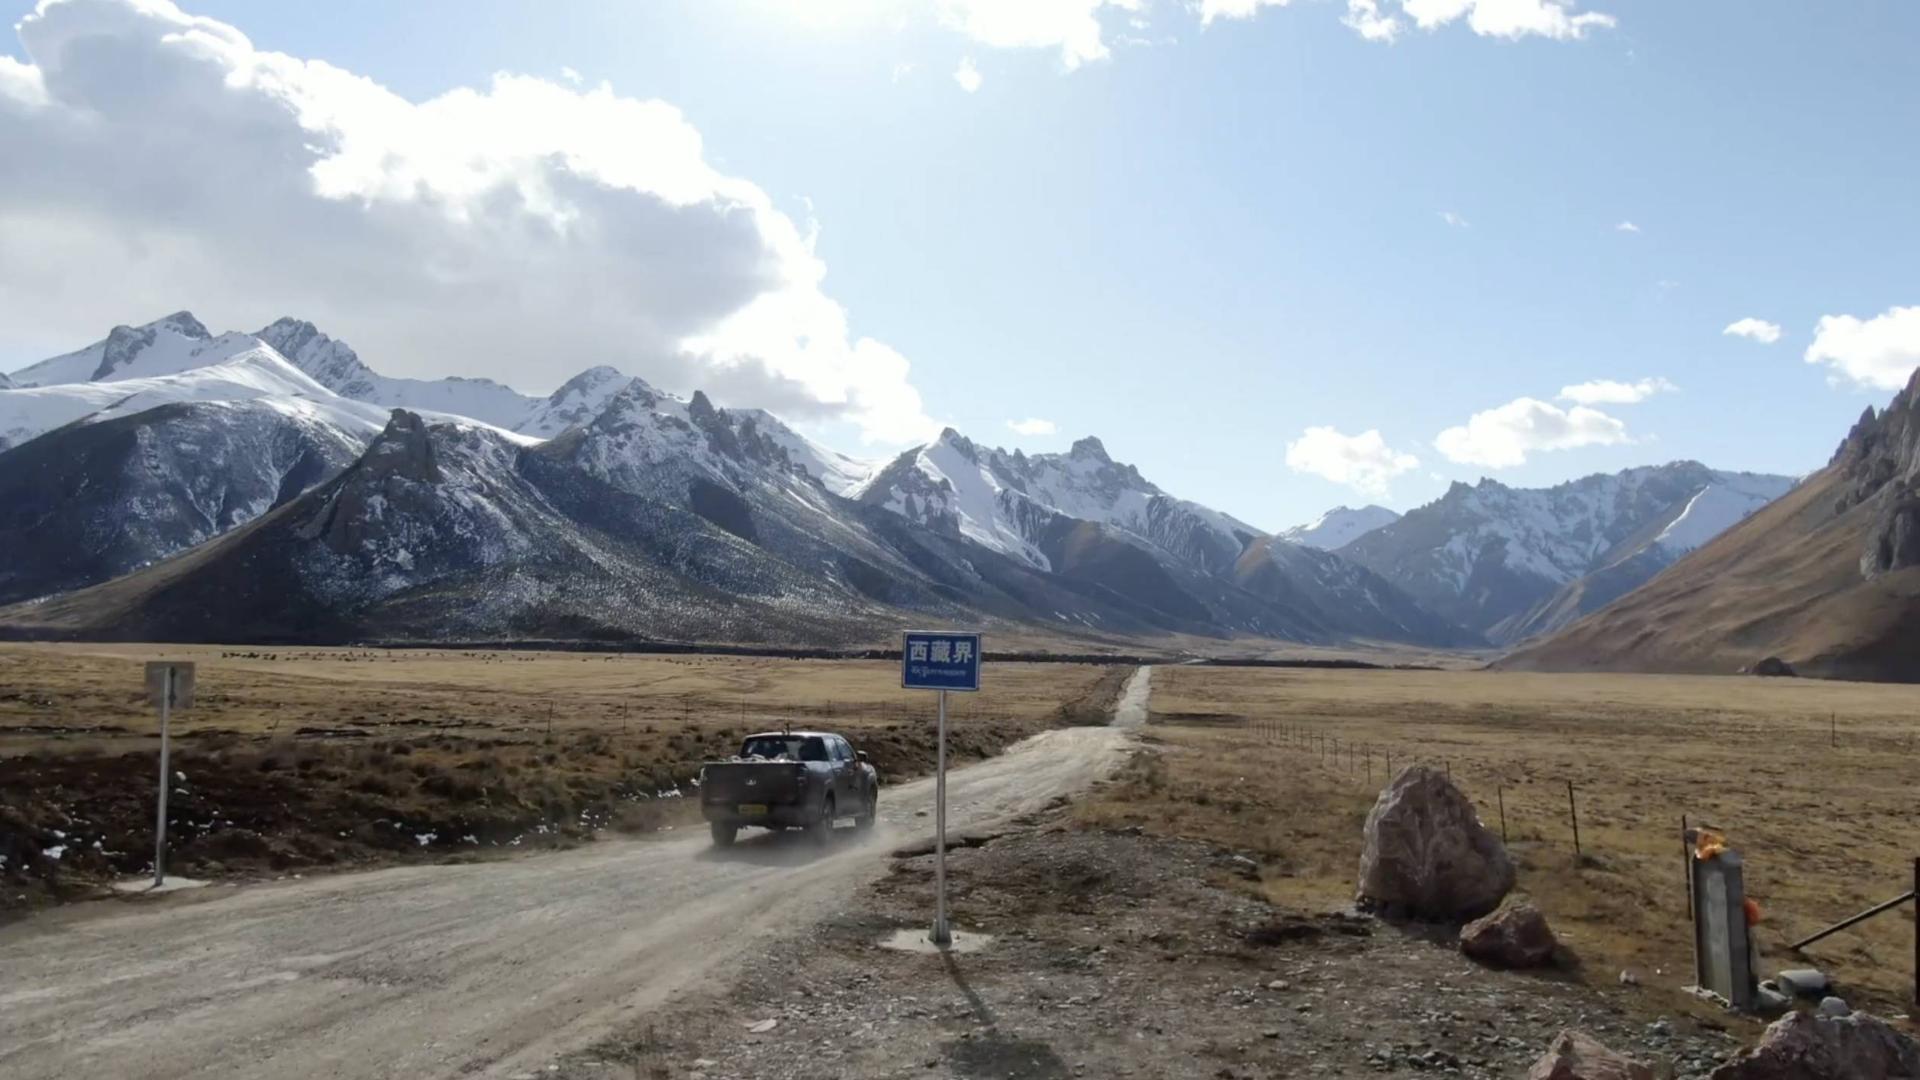 《非常野》秘藏之旅预告:8000公里苦与悟,跟我们一起踏上征程